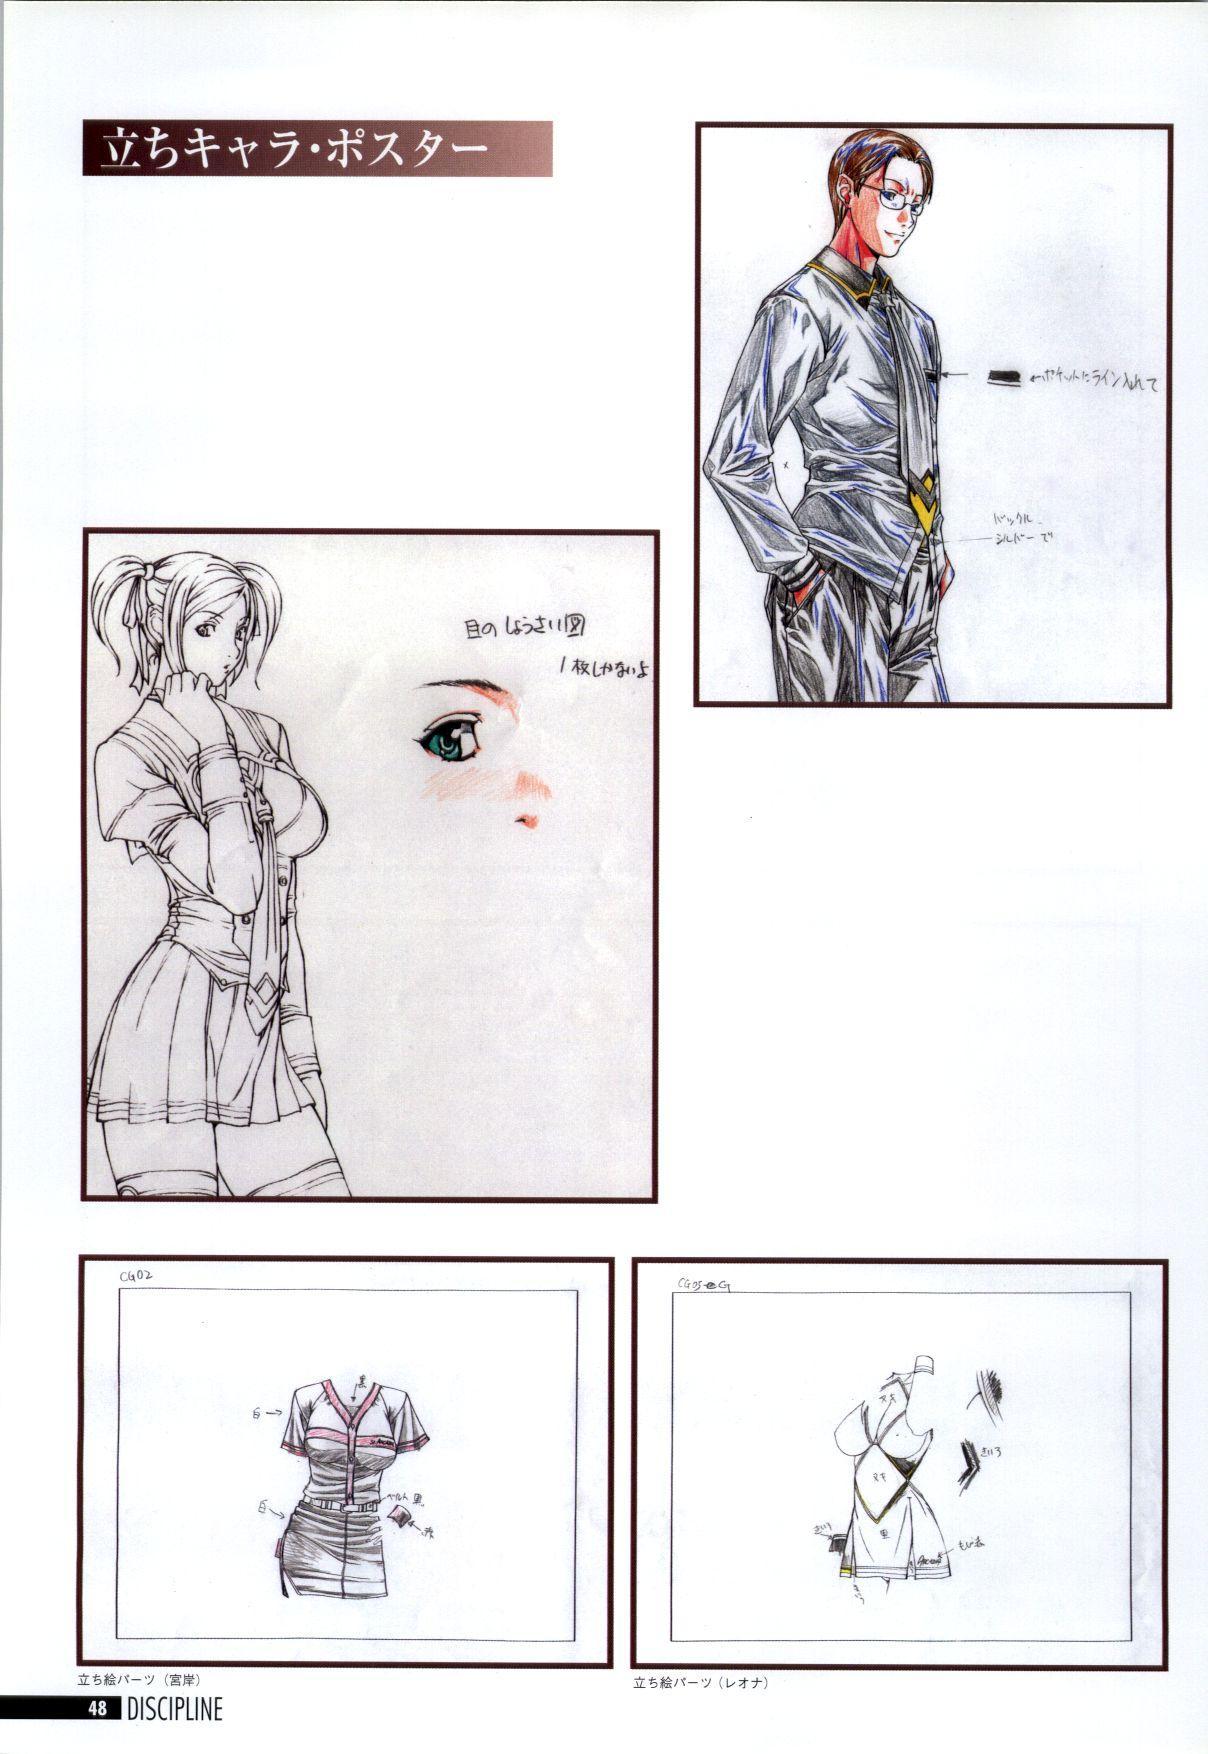 Discipline Artbook 48